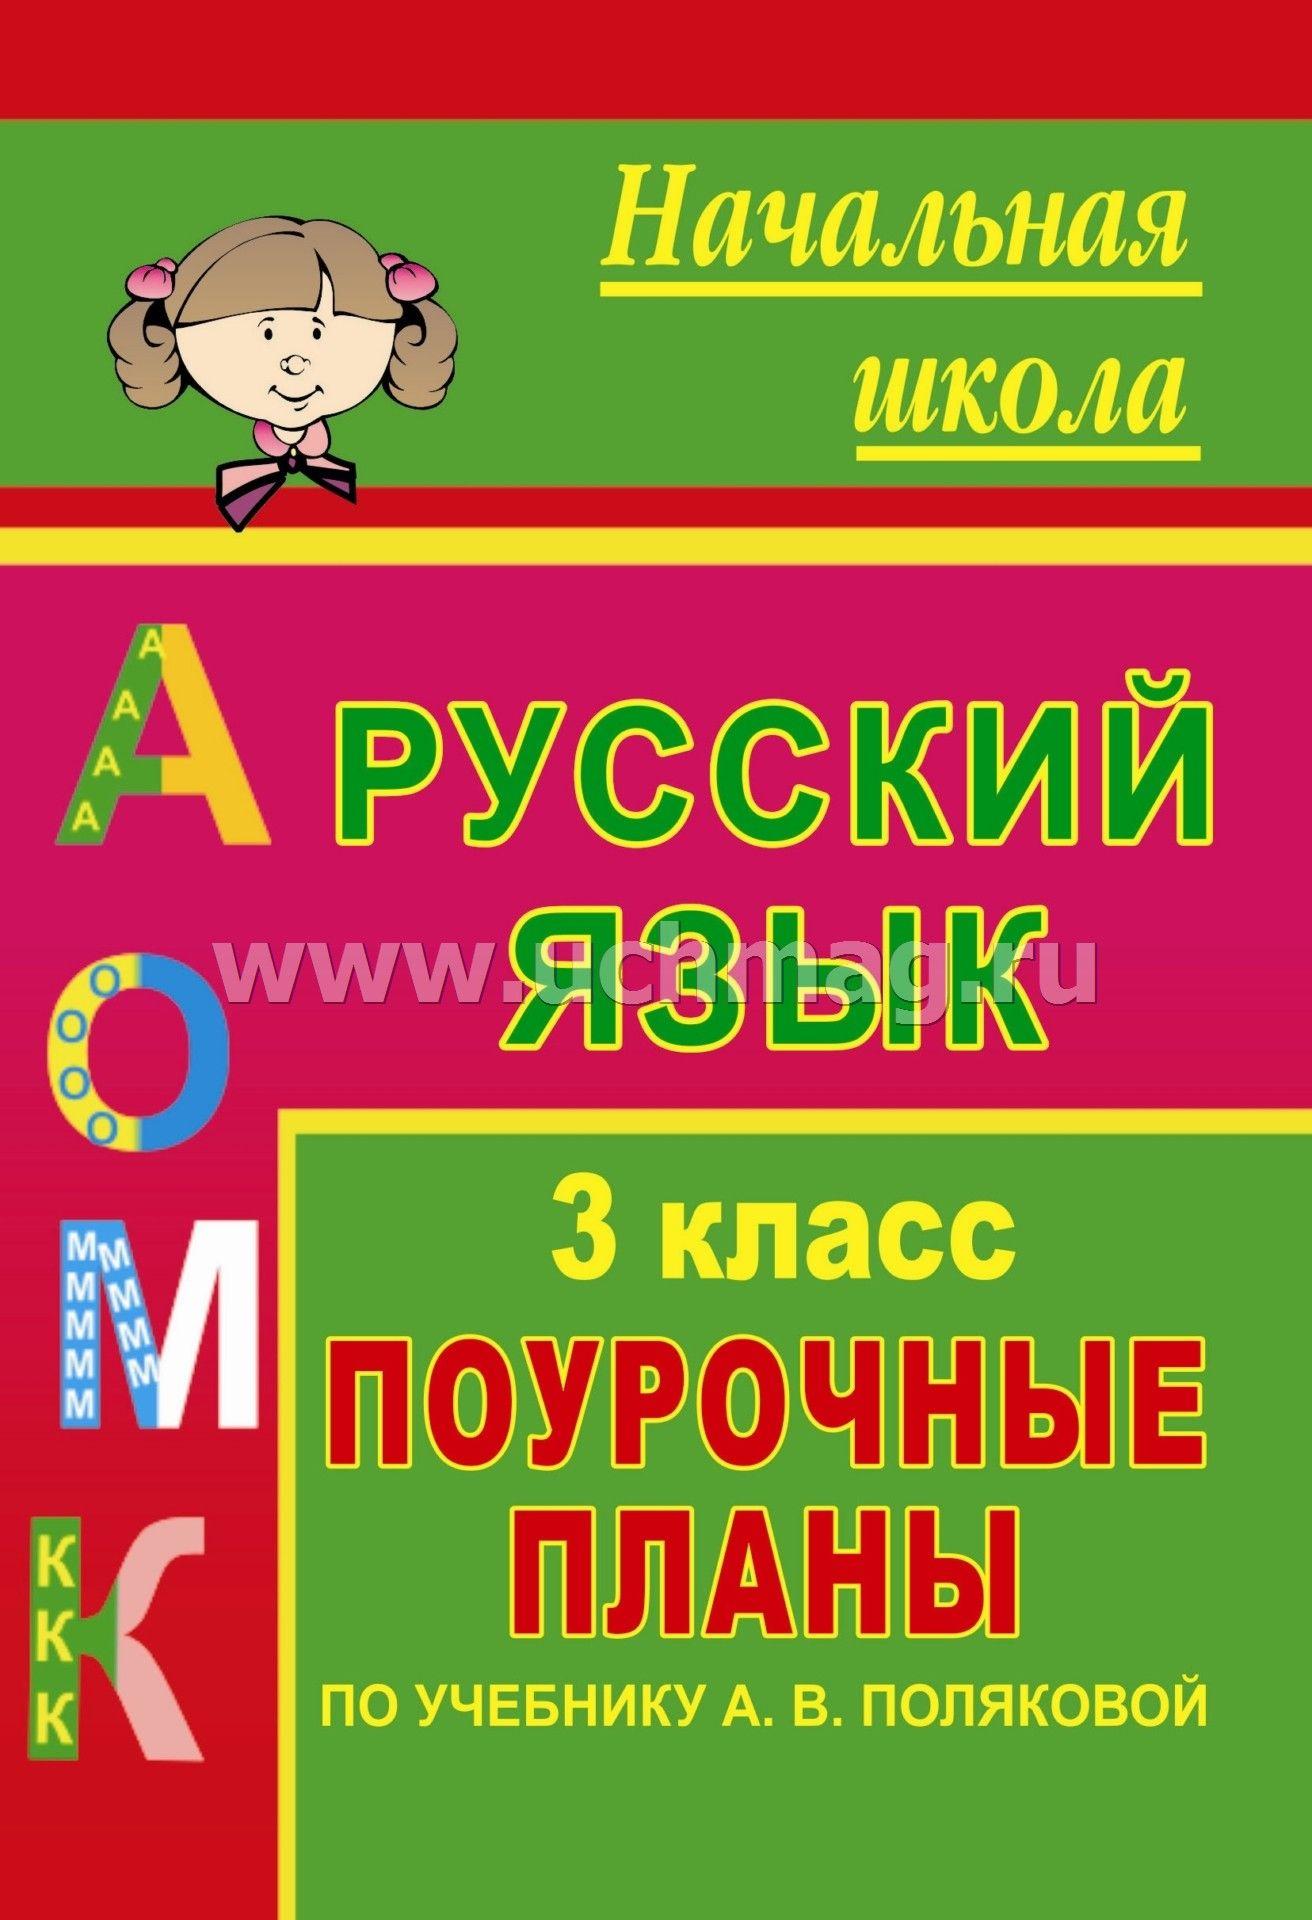 Поурочное Планирование По Русскому Языку 3 Класс Бунеев